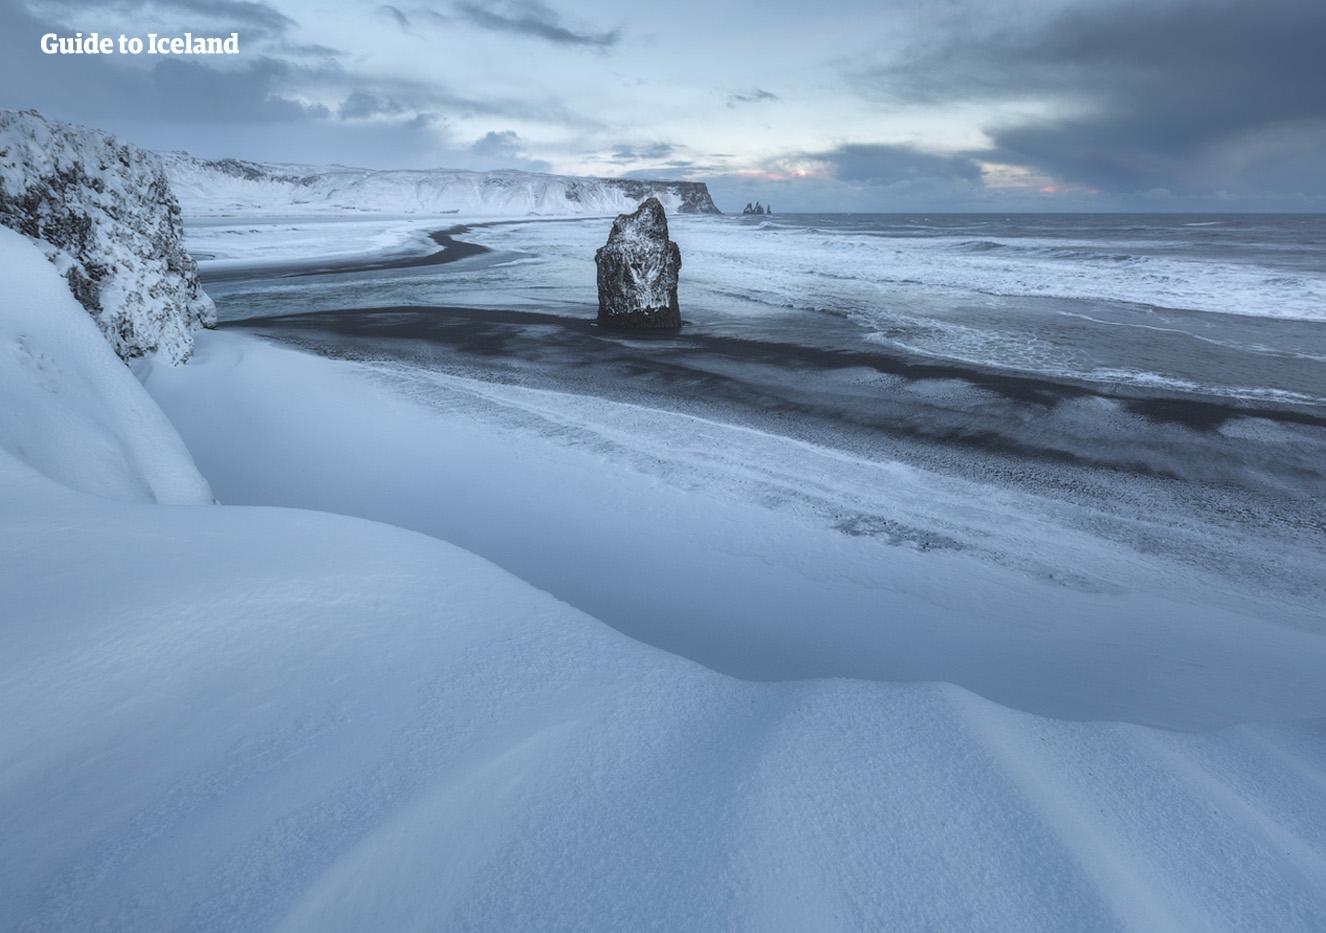 깊은 겨울, 아이슬란드의 남부 해안의 검은 해변은 눈이 파도에 씻겨 내려갈 때만 그 모습을 부끄럽게 드러냅니다.